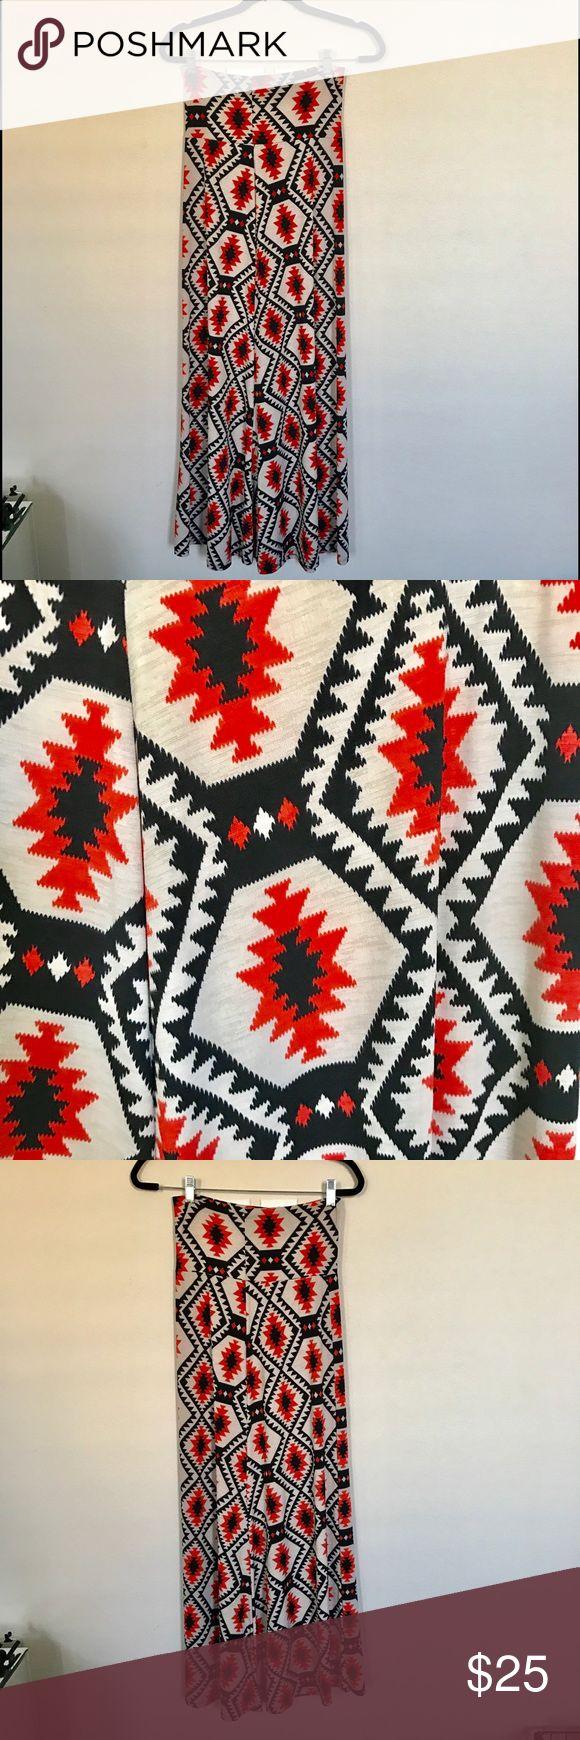 NWOT Aztec Maxi Skirt NWOT Black, orange, and tan Aztec maxi Skirt. Skirts Maxi